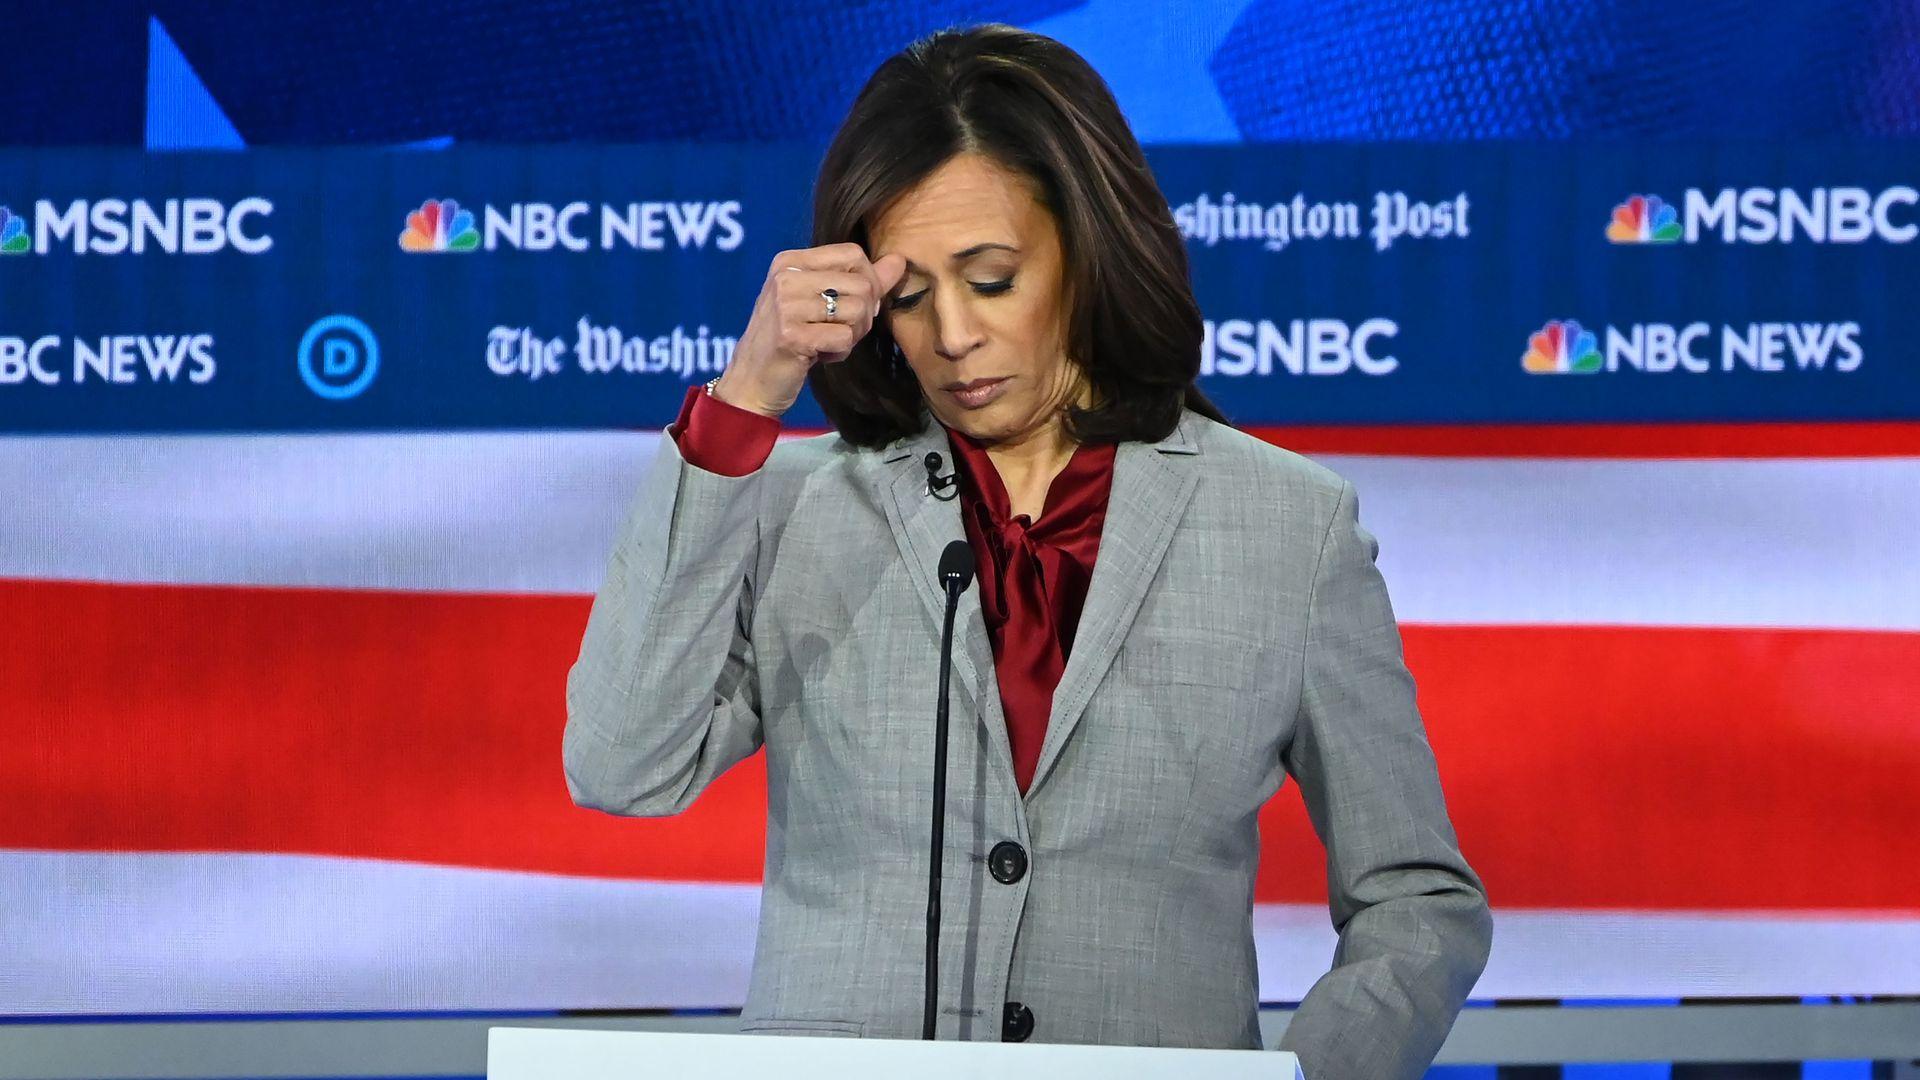 Sen. Kamala Harris on the debate stage